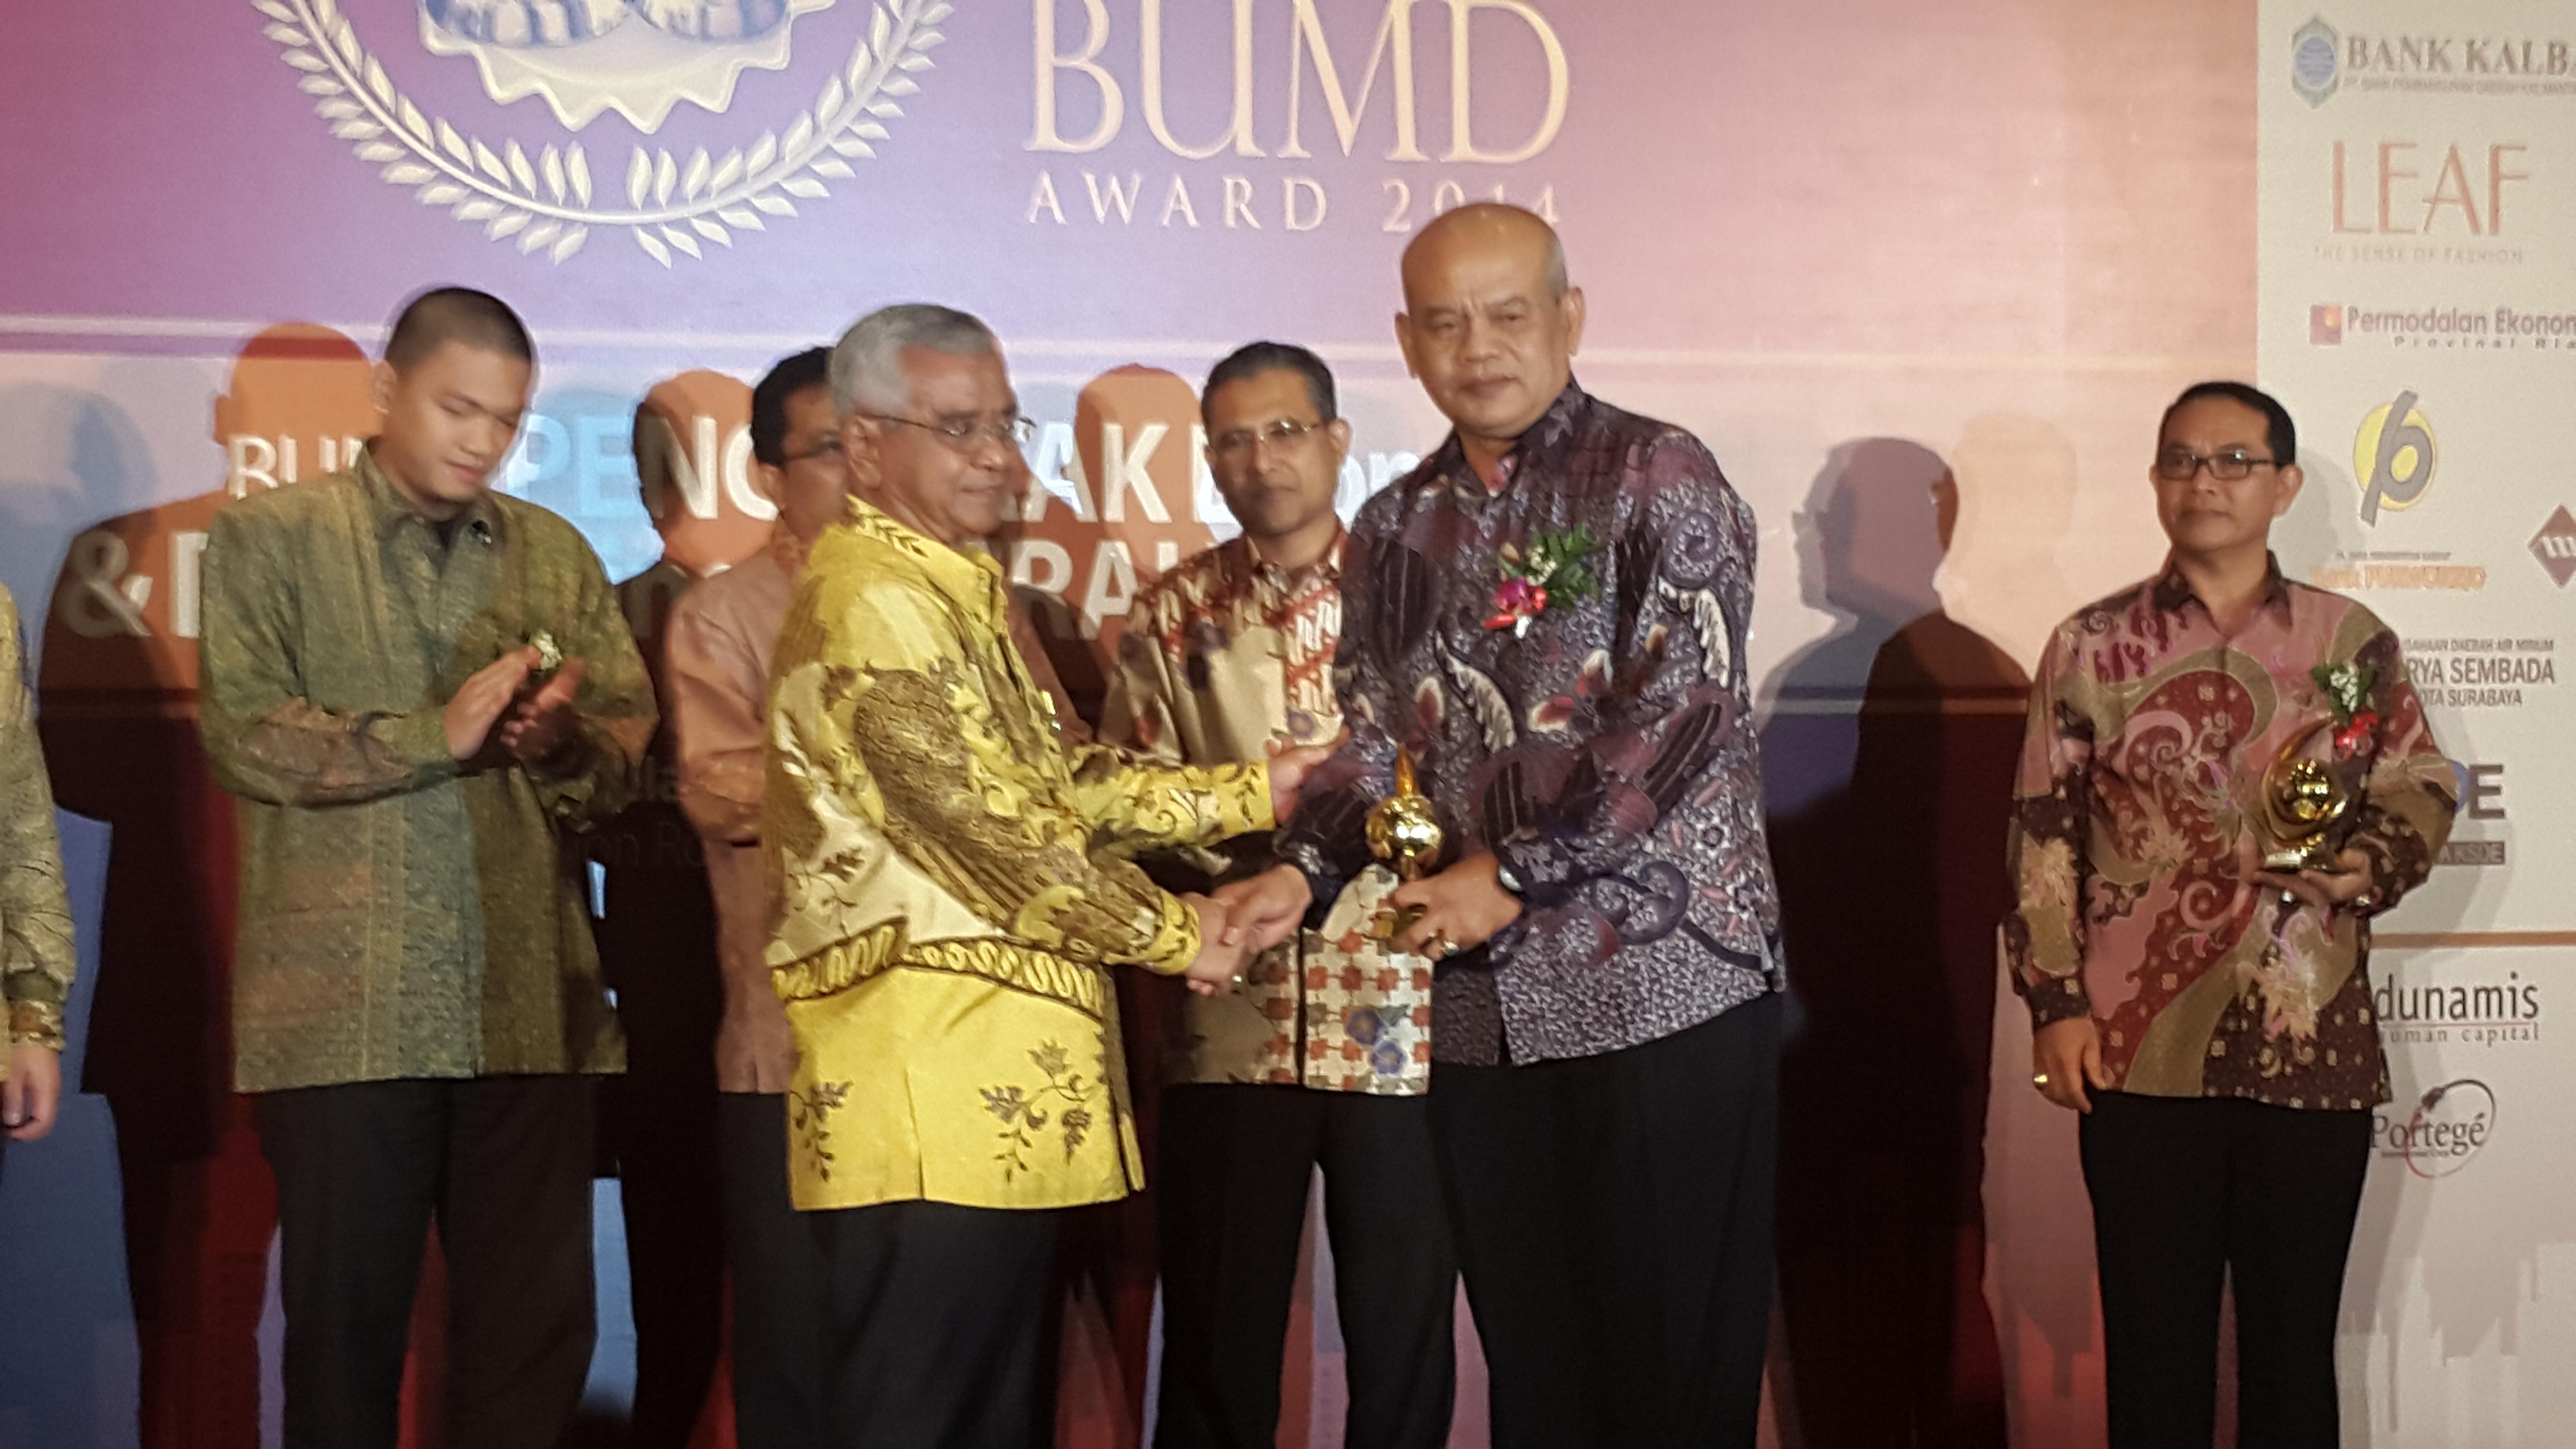 BUMD dan CEO BUMD Award 2014, Tirta Mahakam Raih Penghargaan PDAM Terbaik